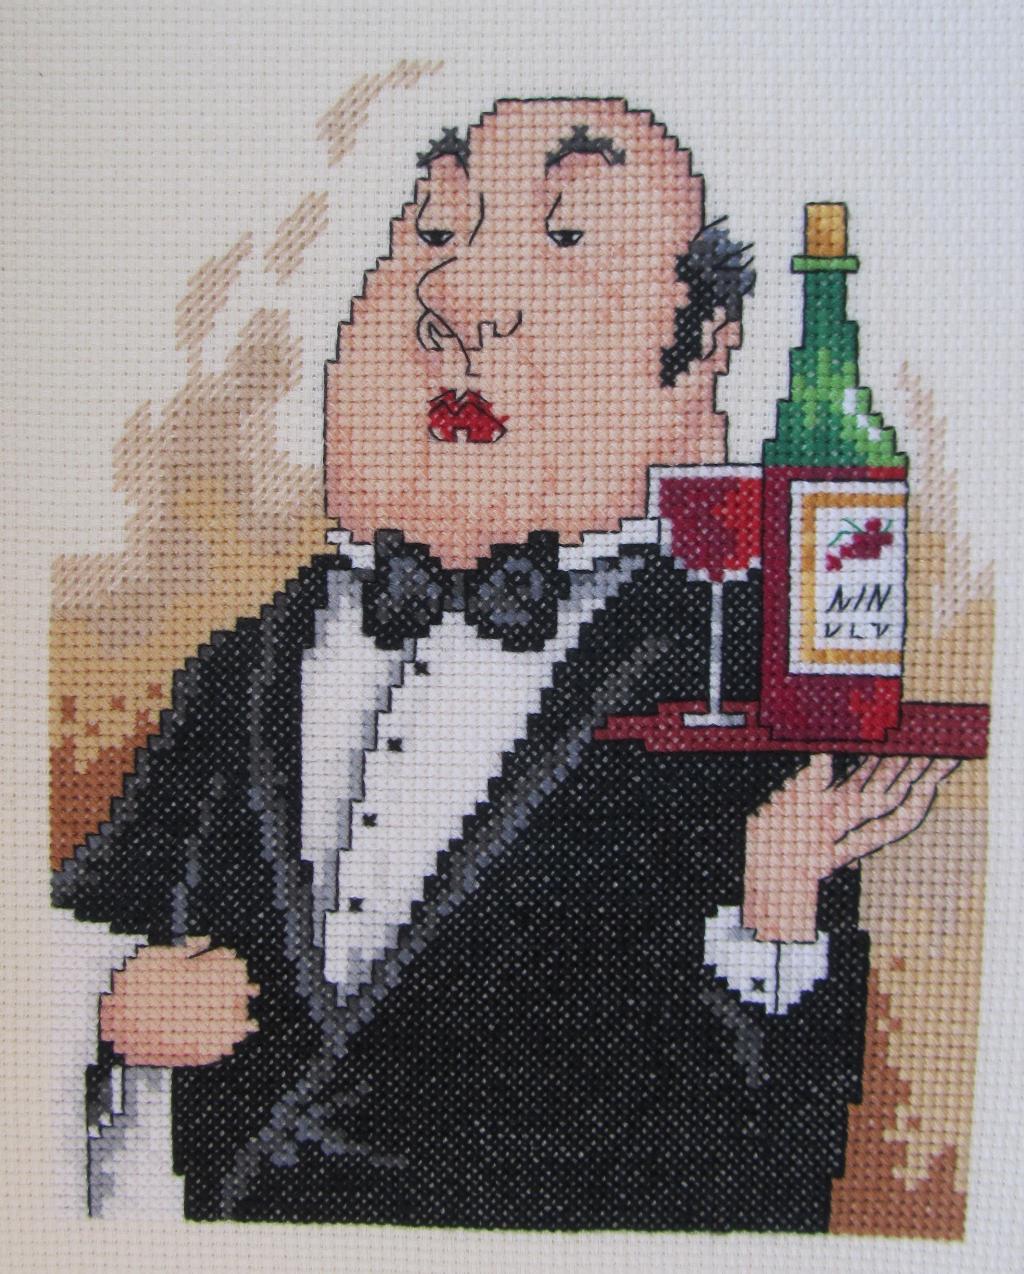 JCA Weekenders 03645 Wine Anyone. Изображения людей